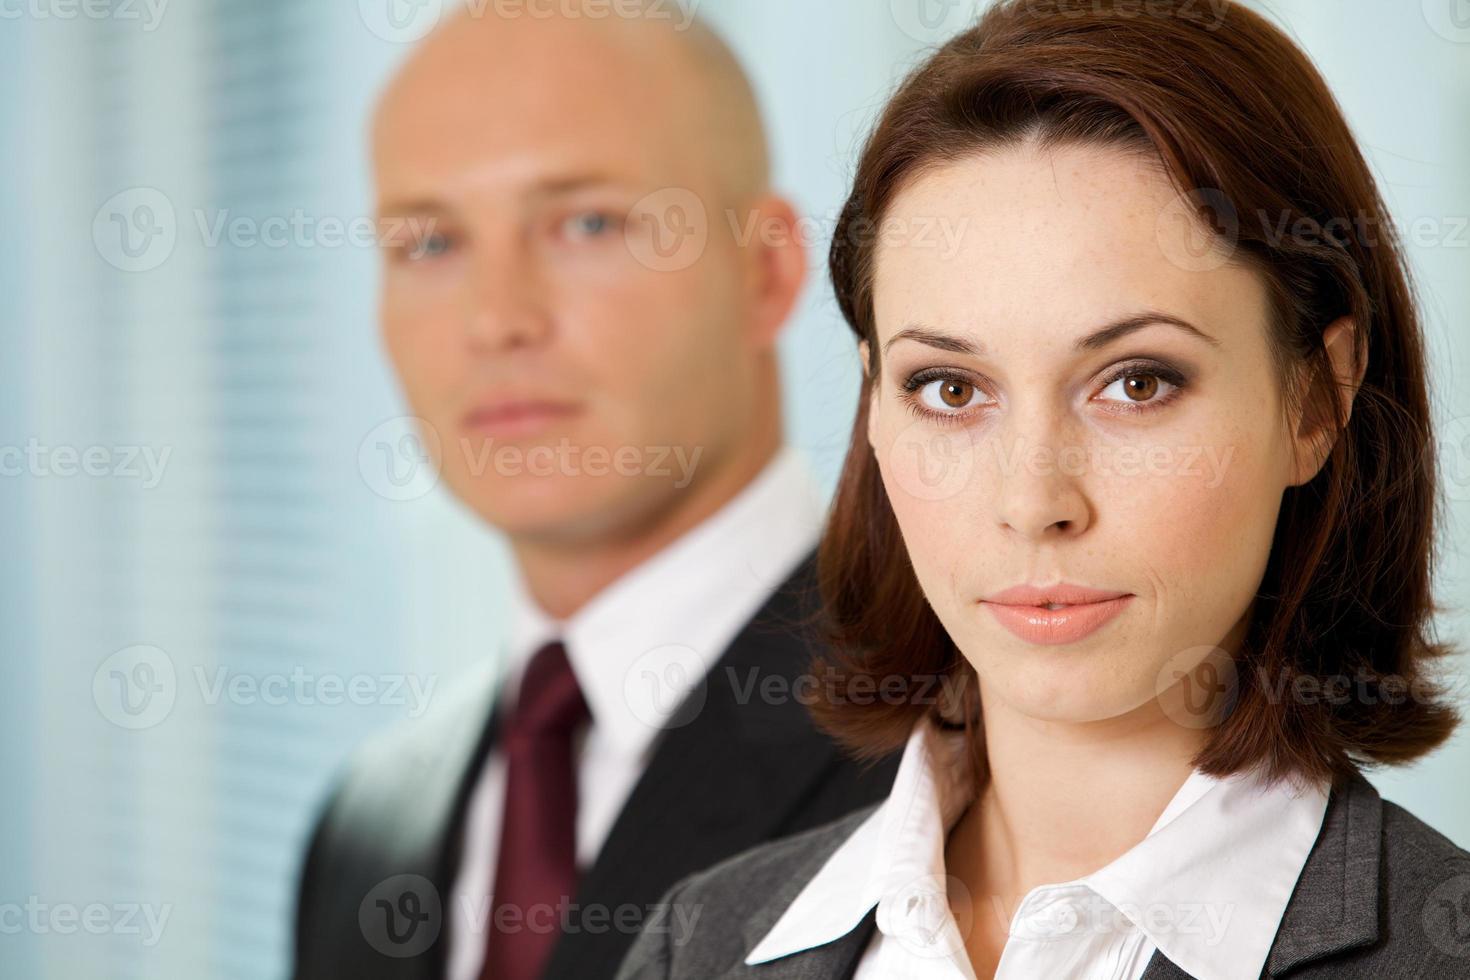 Porträt des jungen kaukasischen Geschäftsmannes und der Geschäftsfrau in off foto